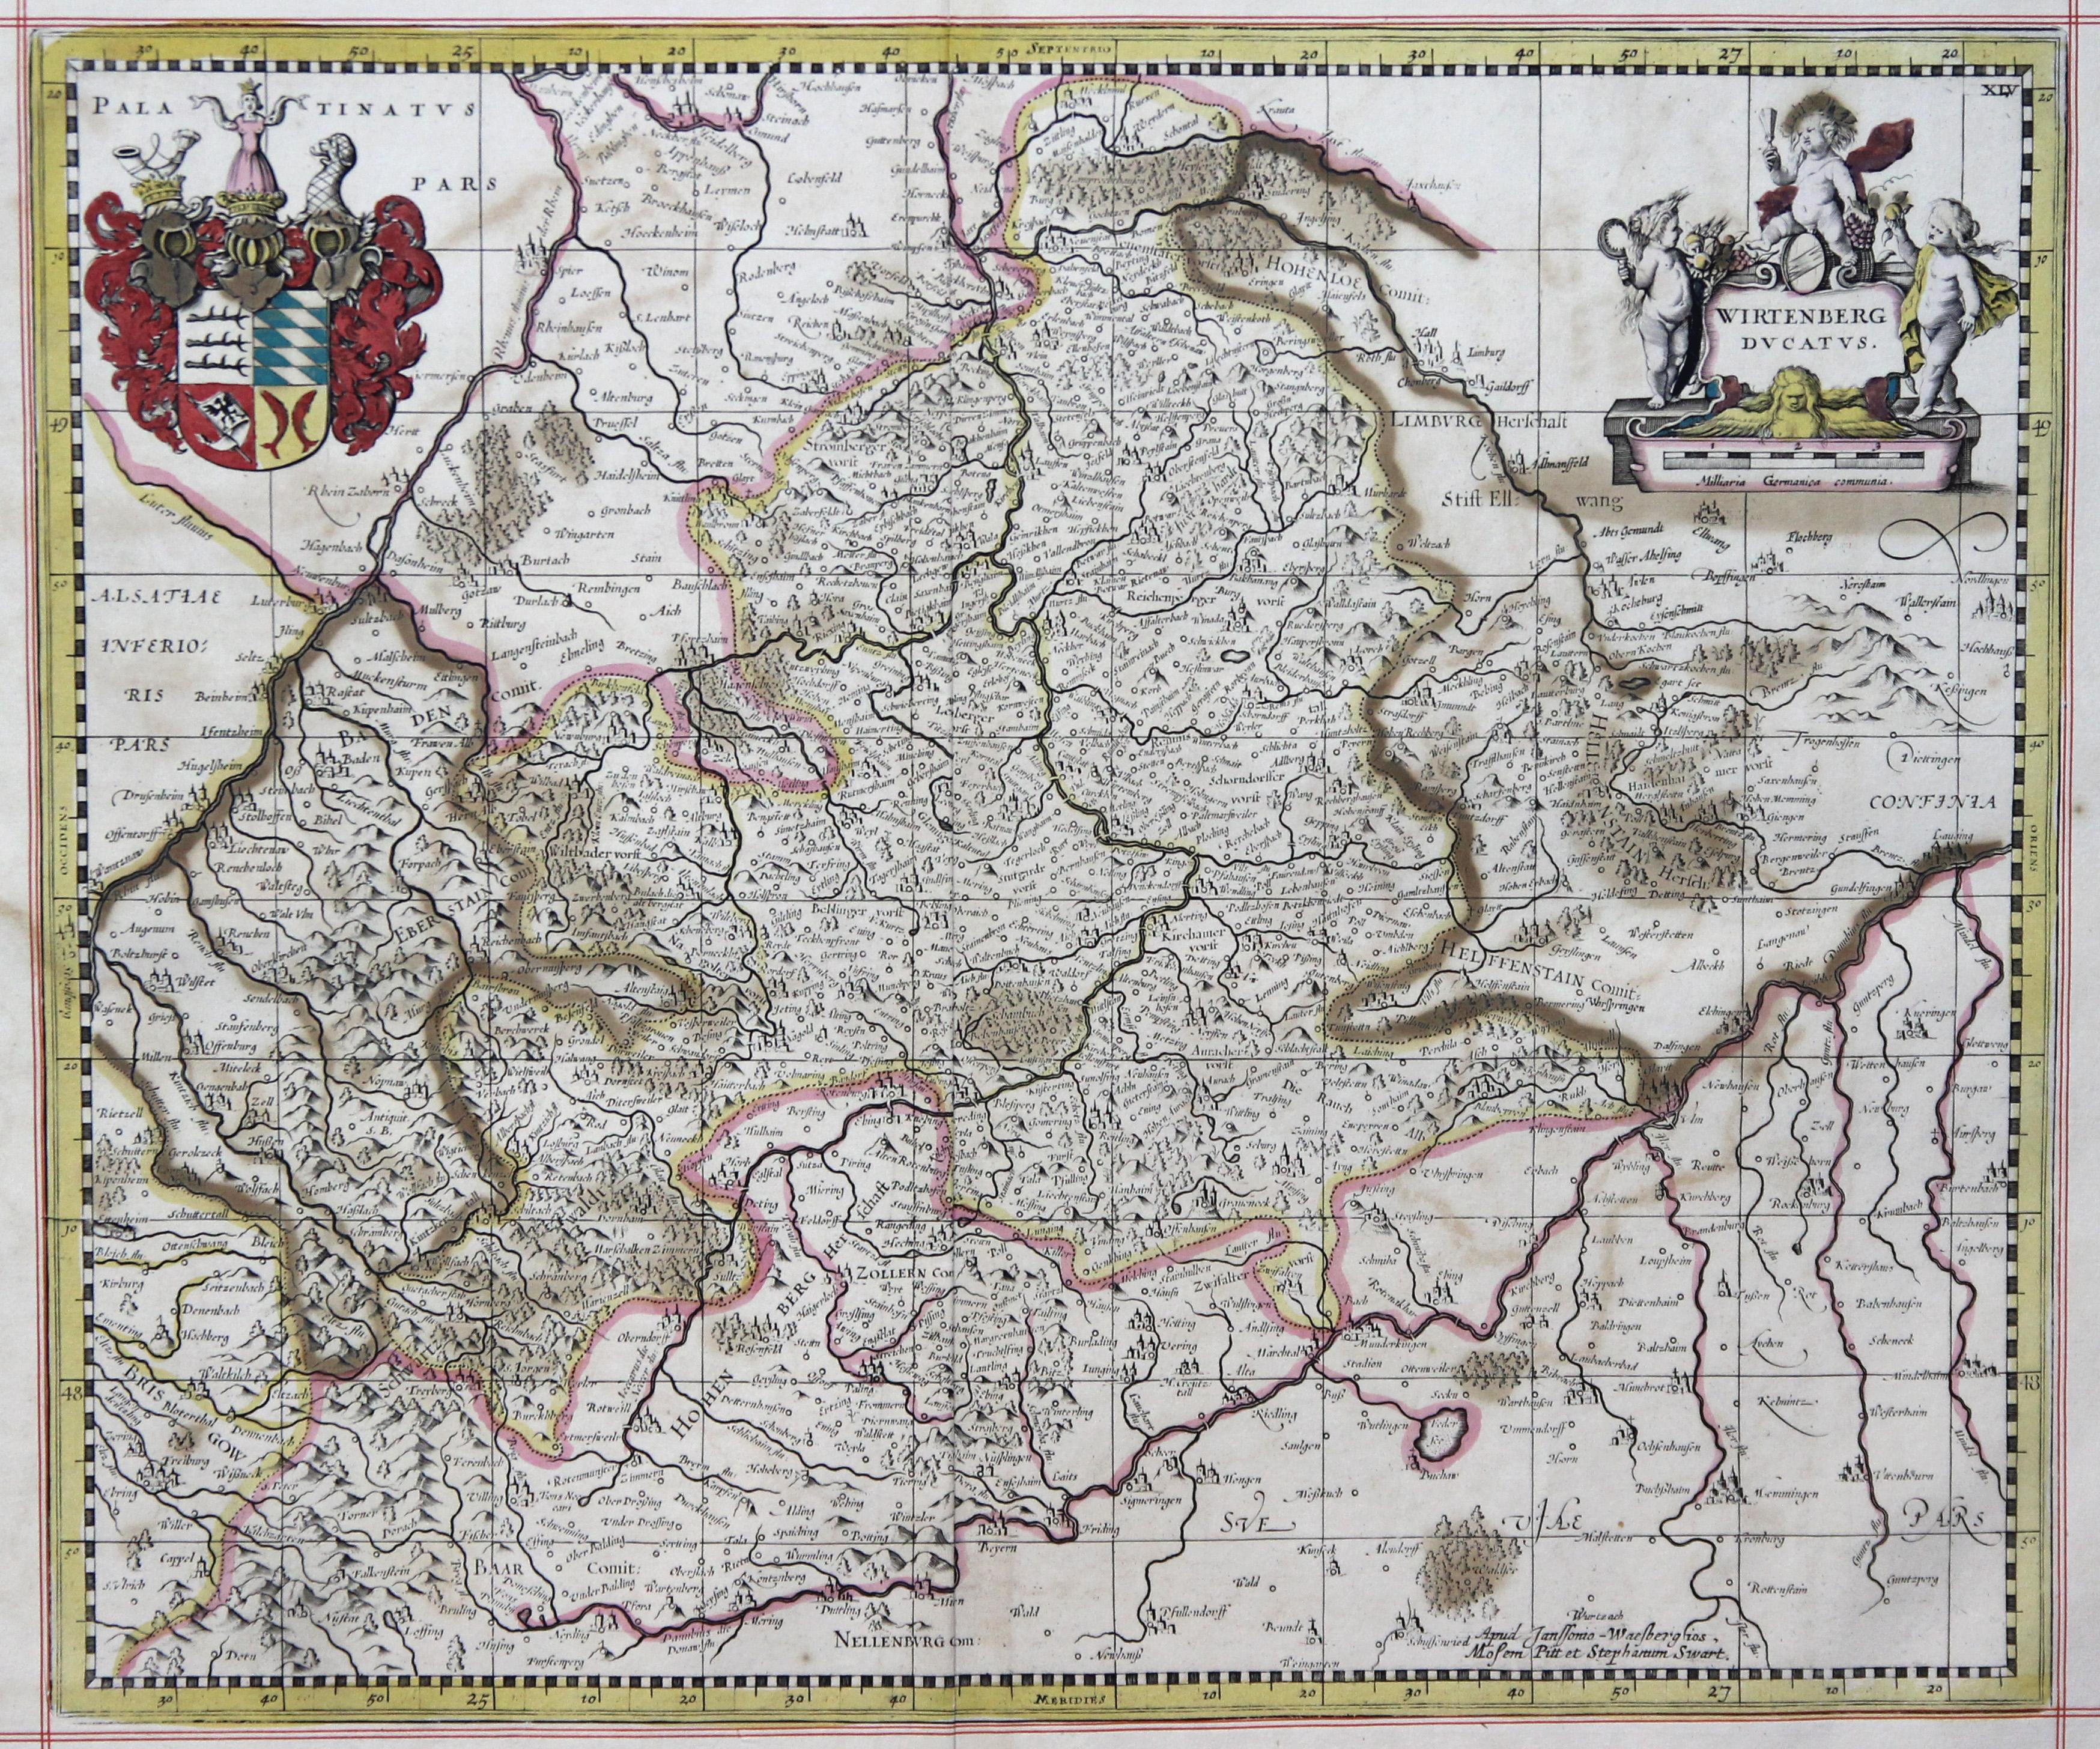 Kst.- Karte, b. Janssonius- Waseberge, Pitt und: Württemberg ( Herzogtum